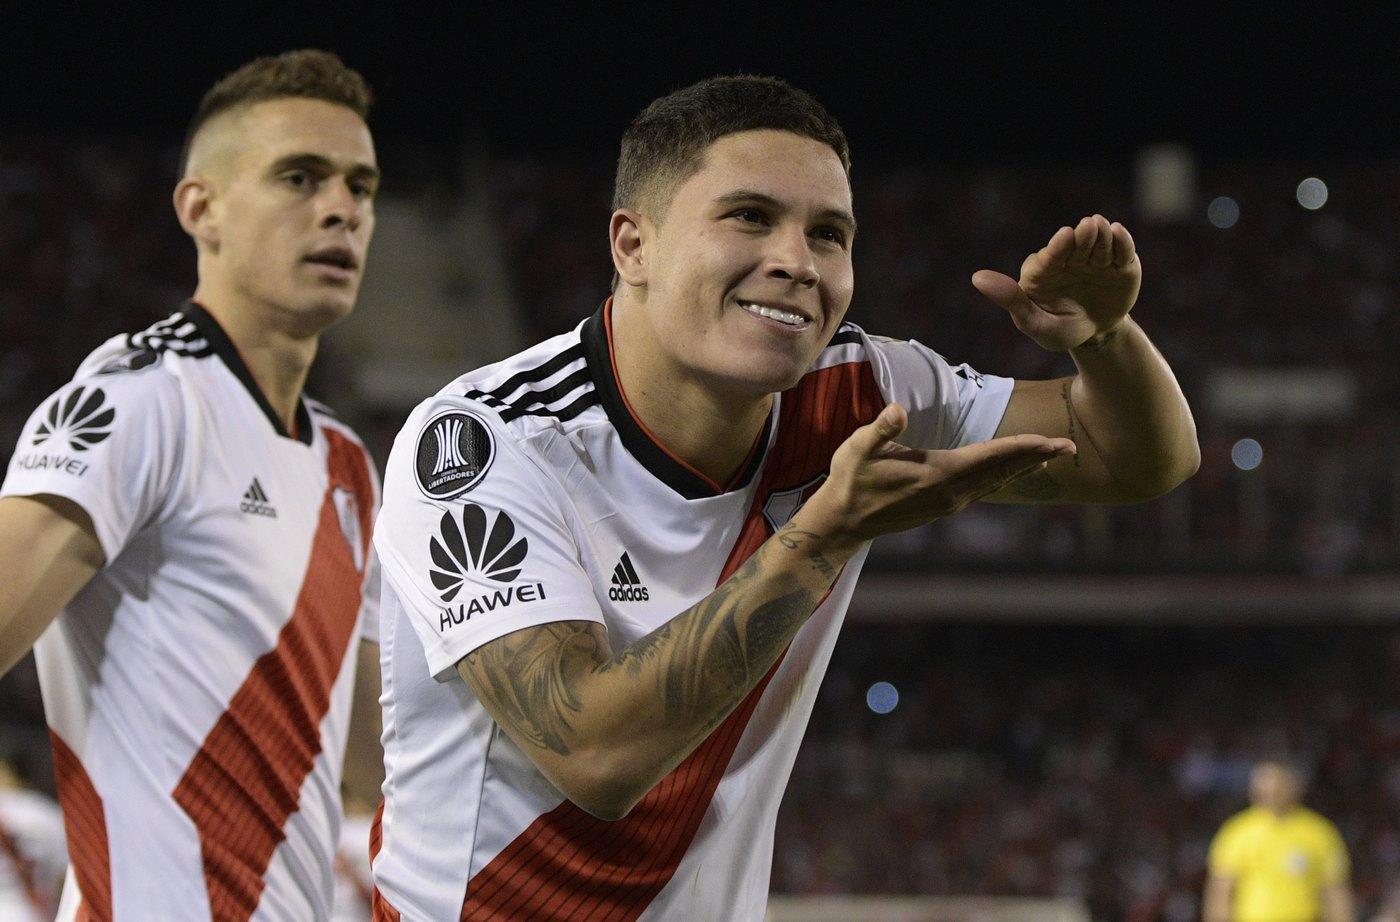 Alianza Lima-River Plate mercoledì 6 marzo